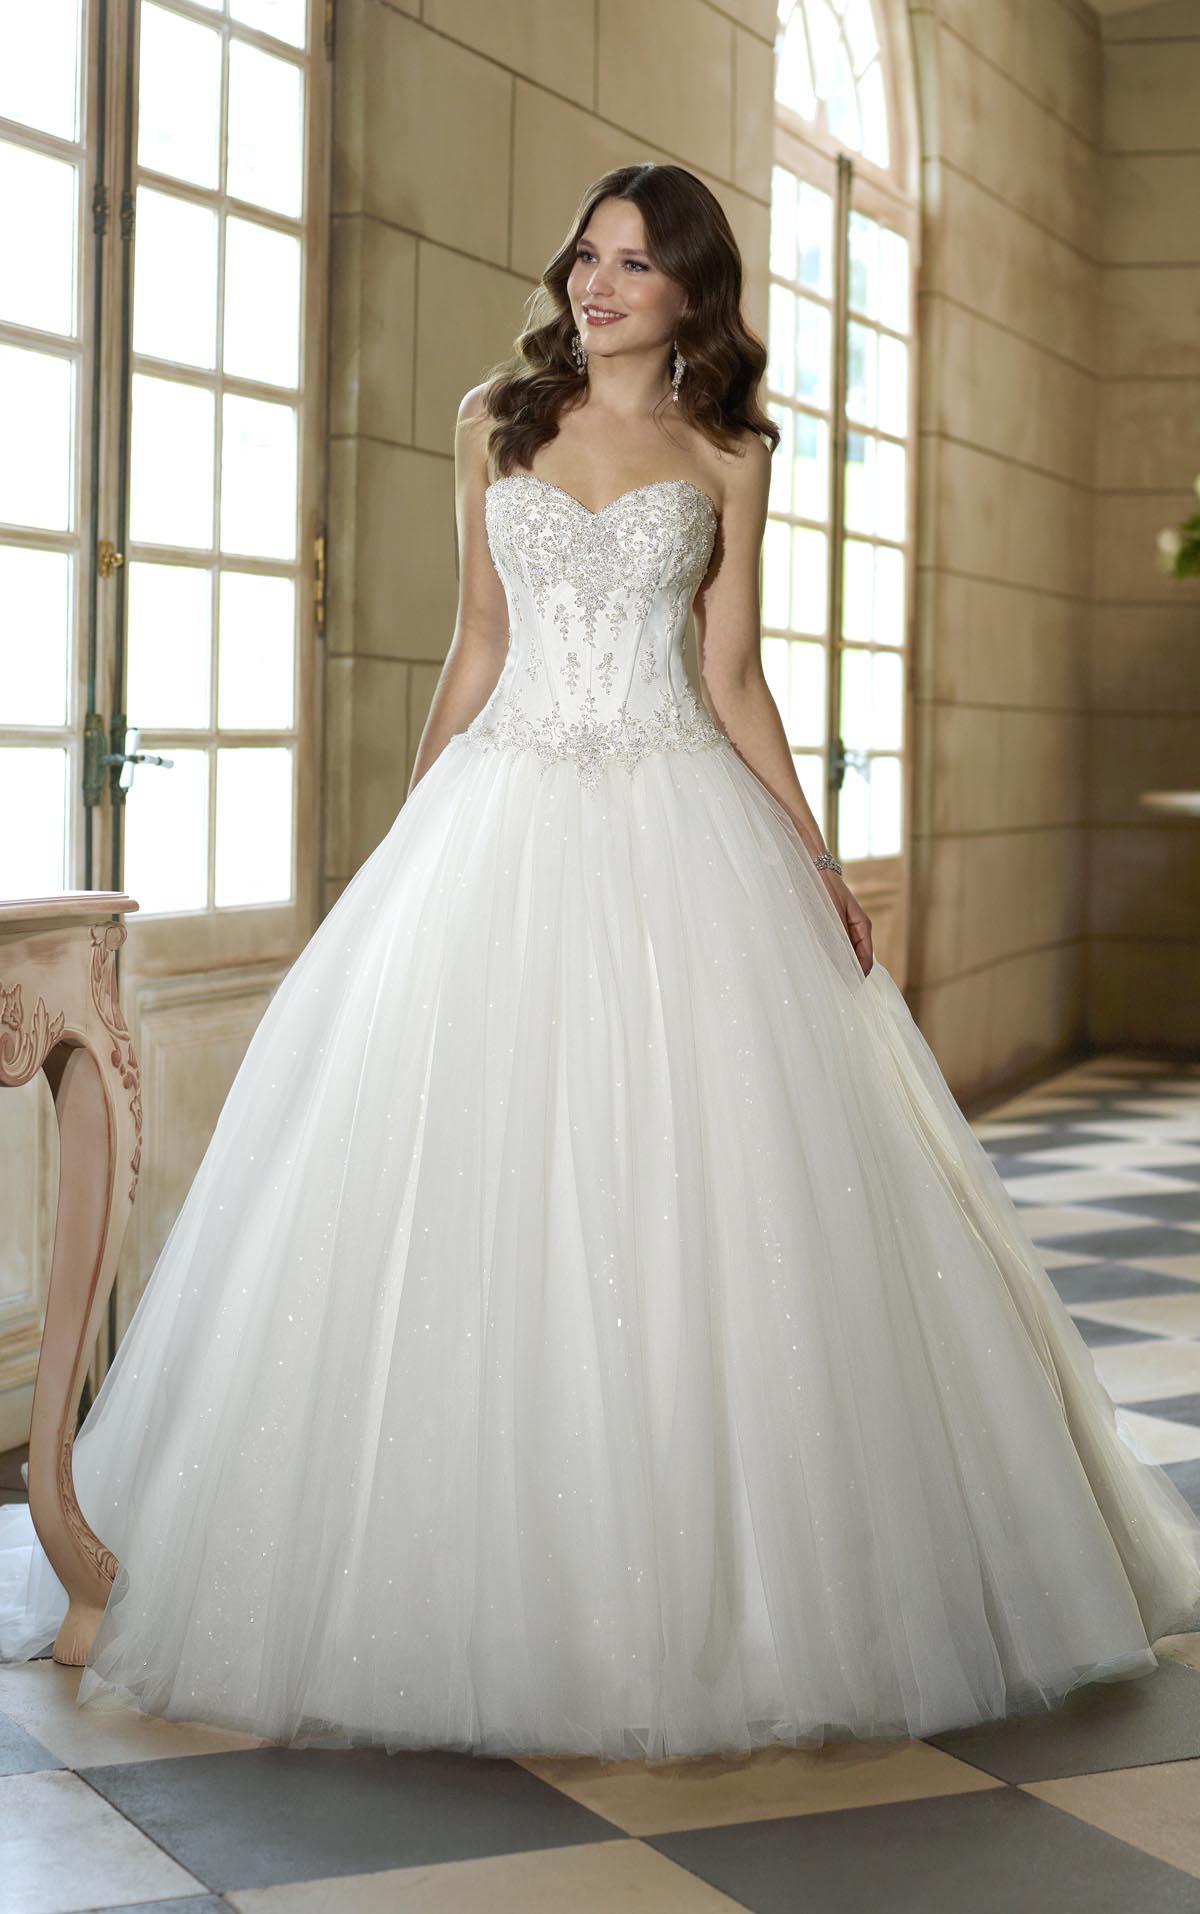 16 best ball gown wedding dresses ideas princess style wedding dresses Ball gown wedding dresses